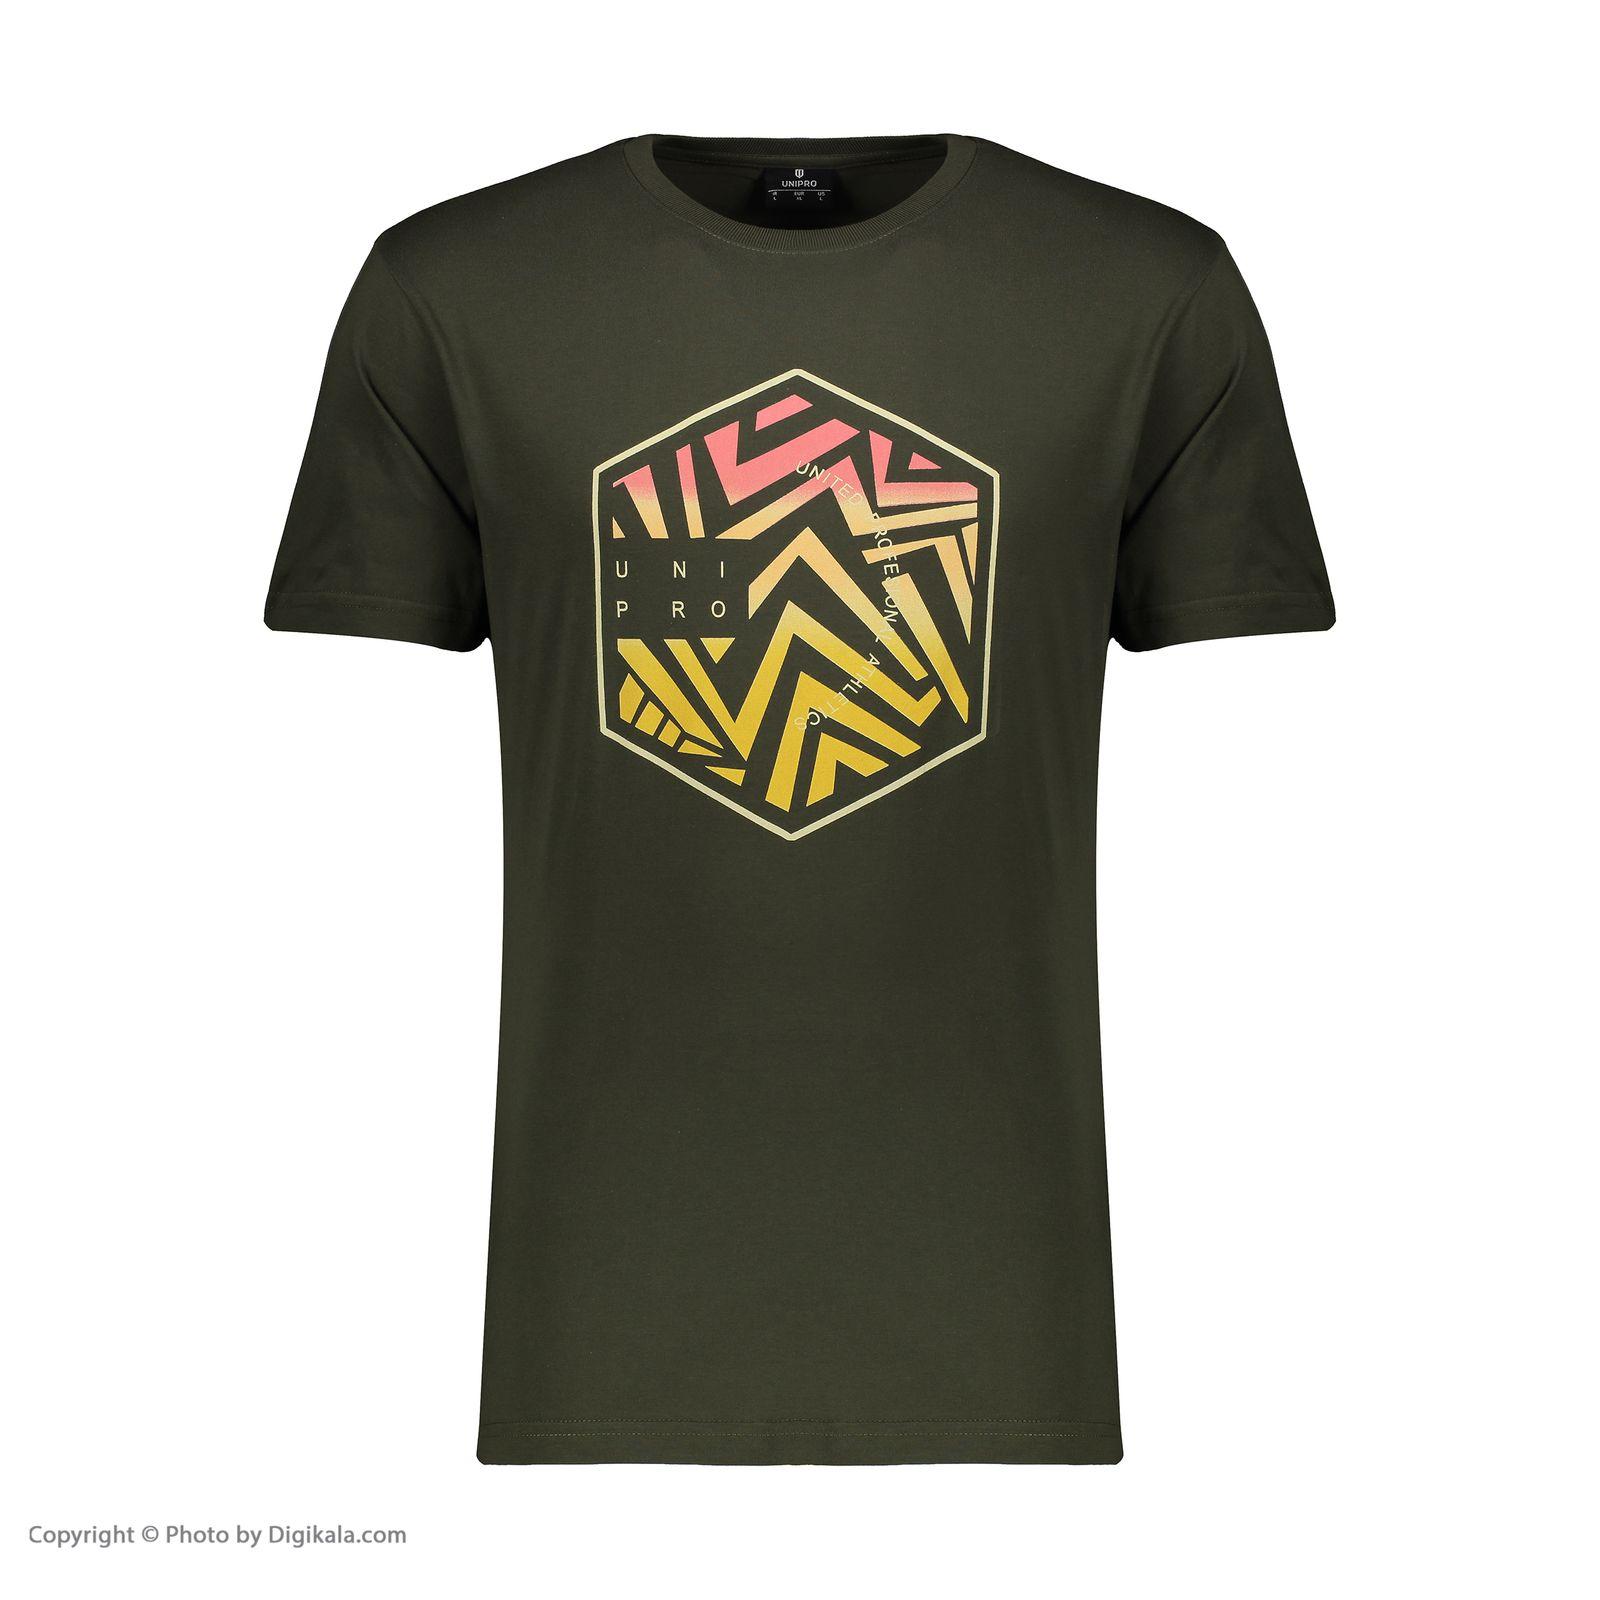 تی شرت ورزشی مردانه یونی پرو مدل 914119301-60 -  - 2